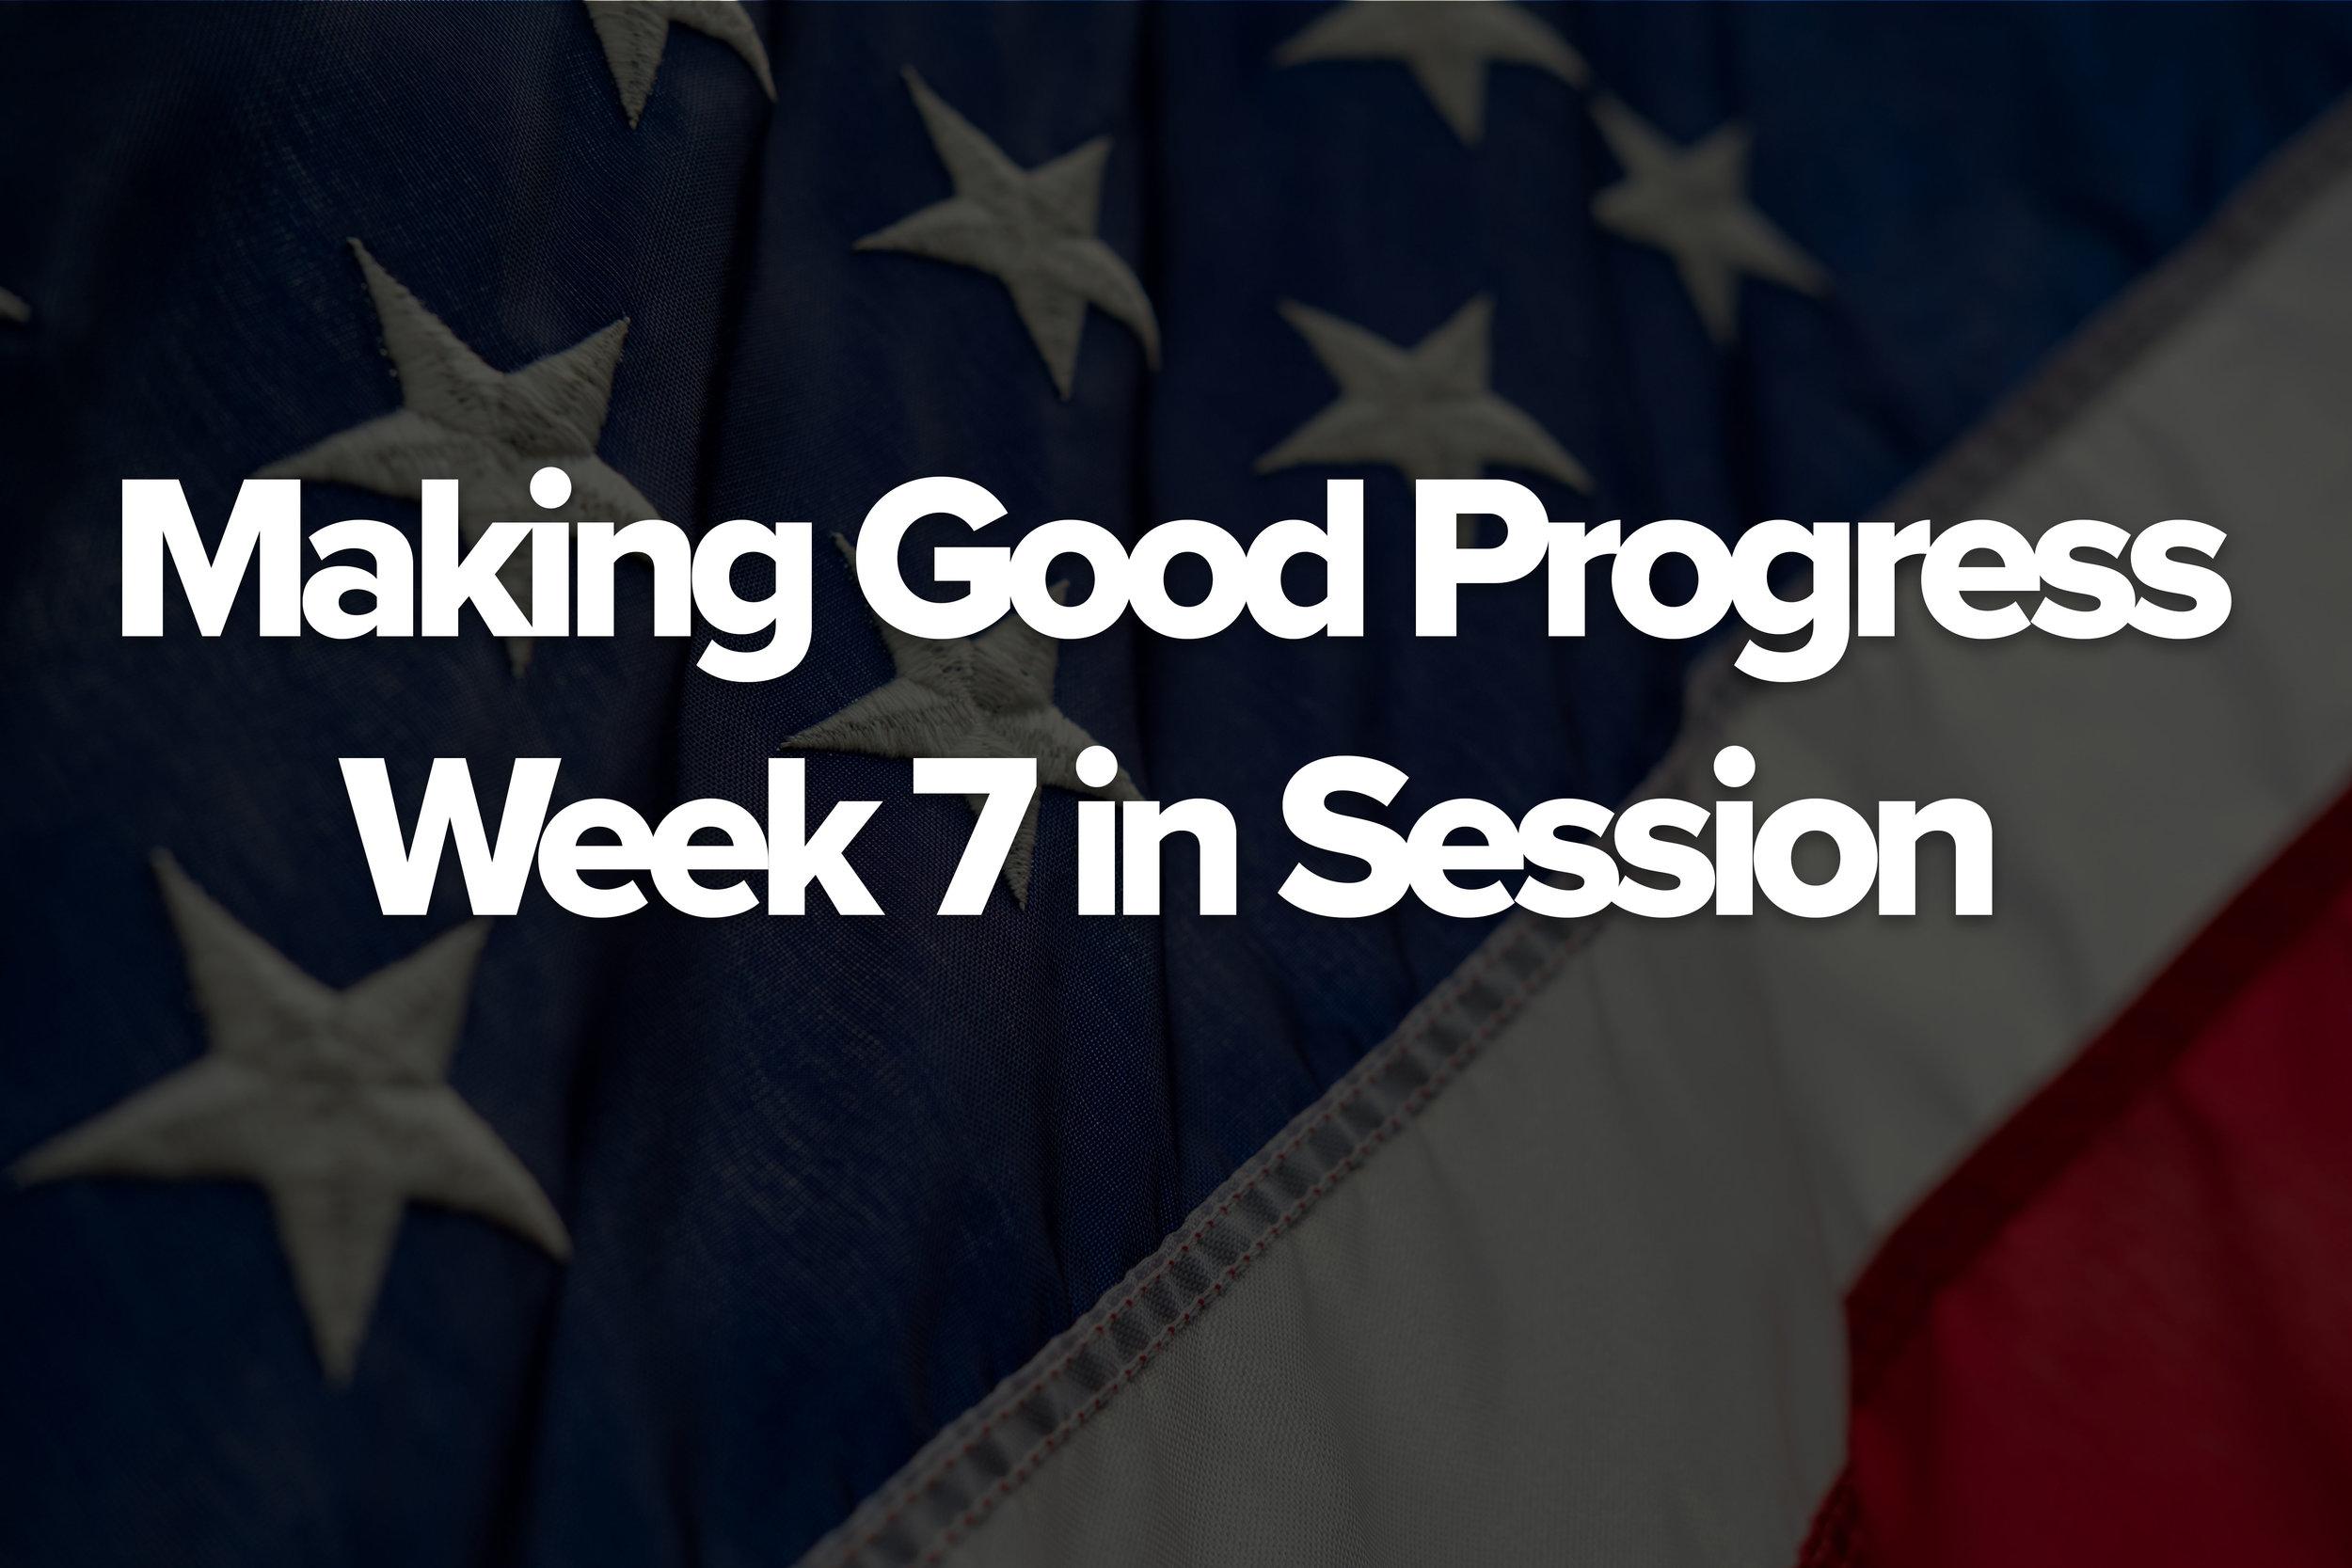 Week-7-in-Session.jpg